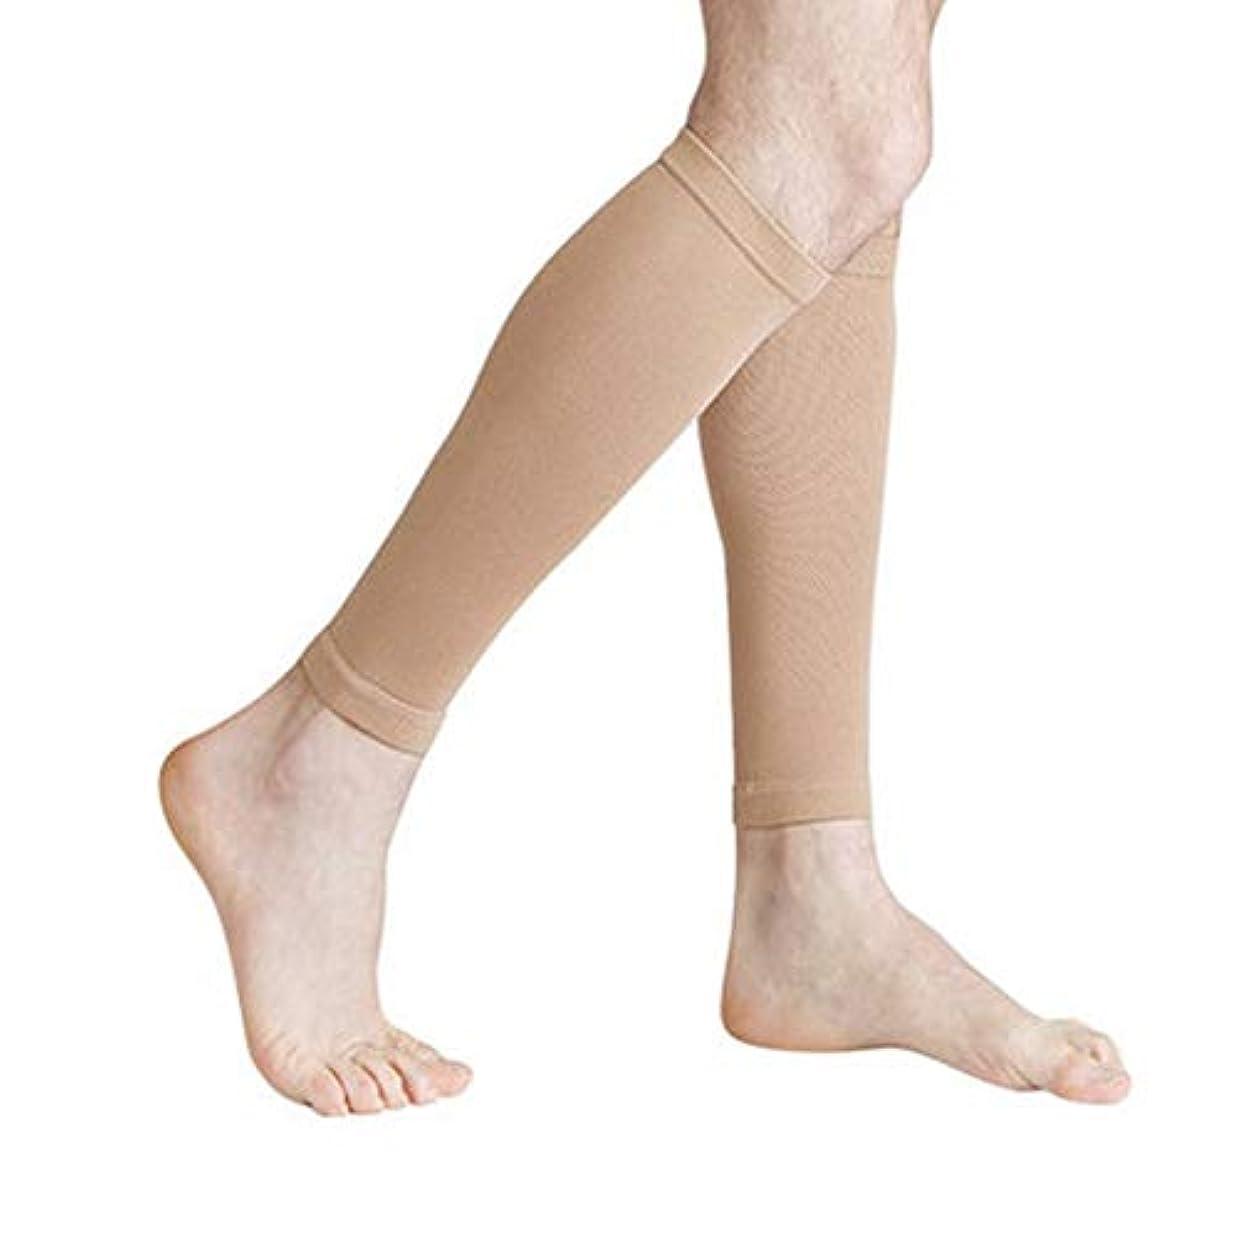 アームストロング問い合わせるヘビ丈夫な男性女性プロの圧縮靴下通気性のある旅行活動看護師用シントスプリントフライトトラベル - 肌色